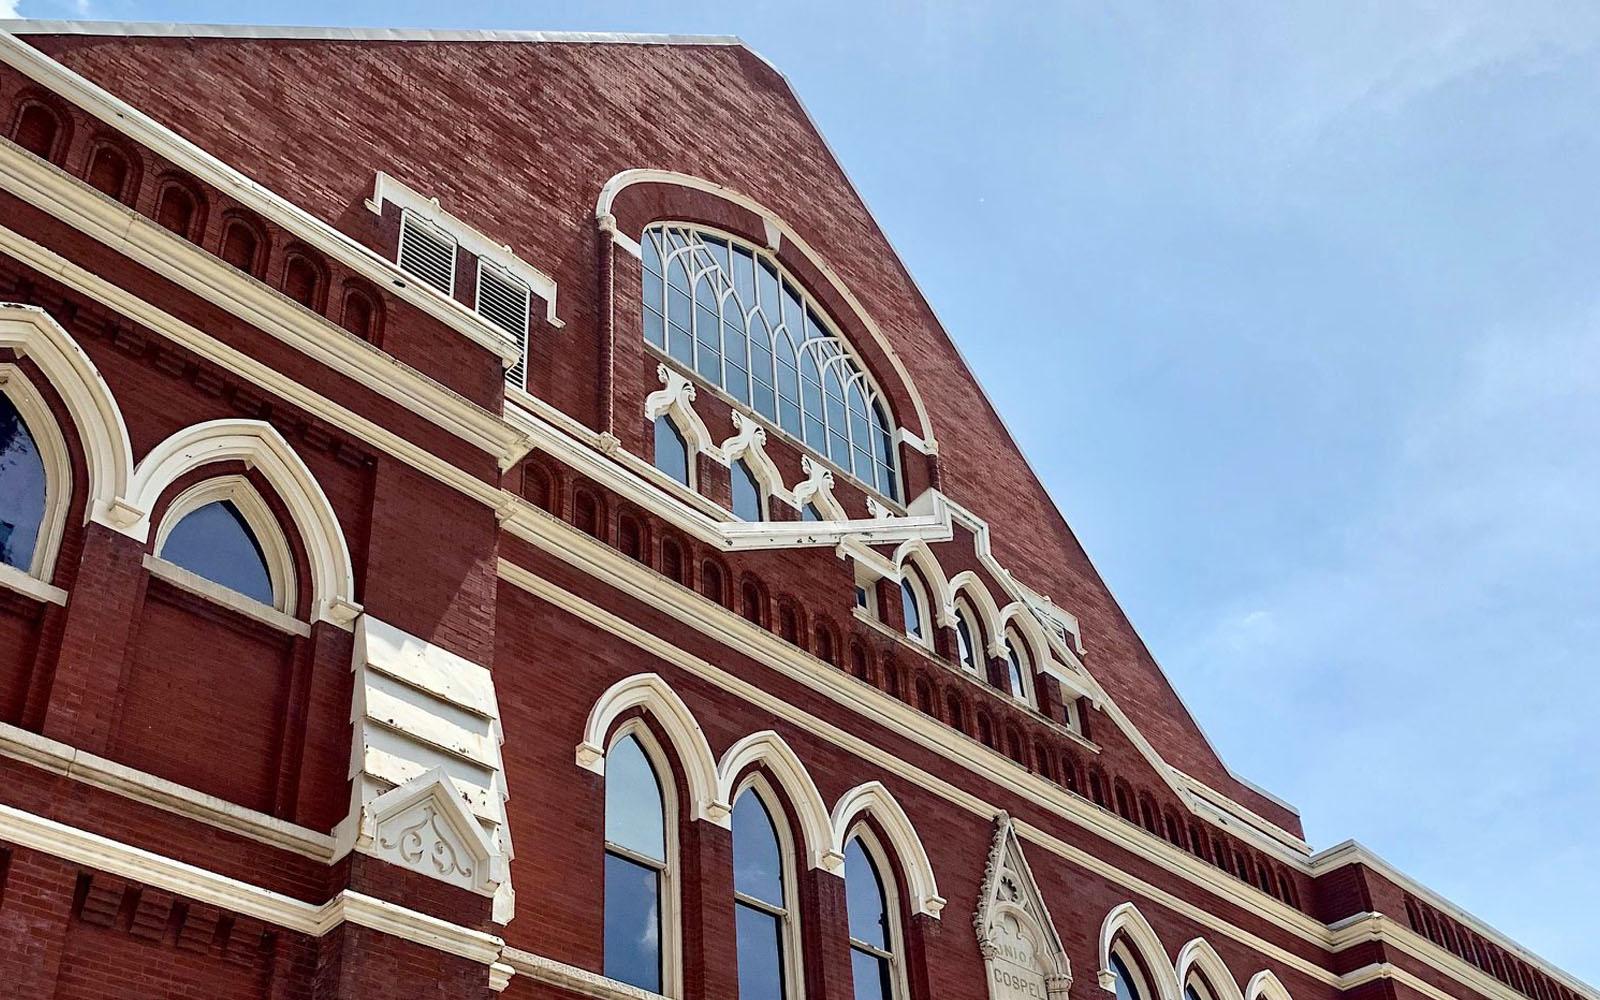 Uno scorcio della facciata del Ryman Auditorium di Nashville.